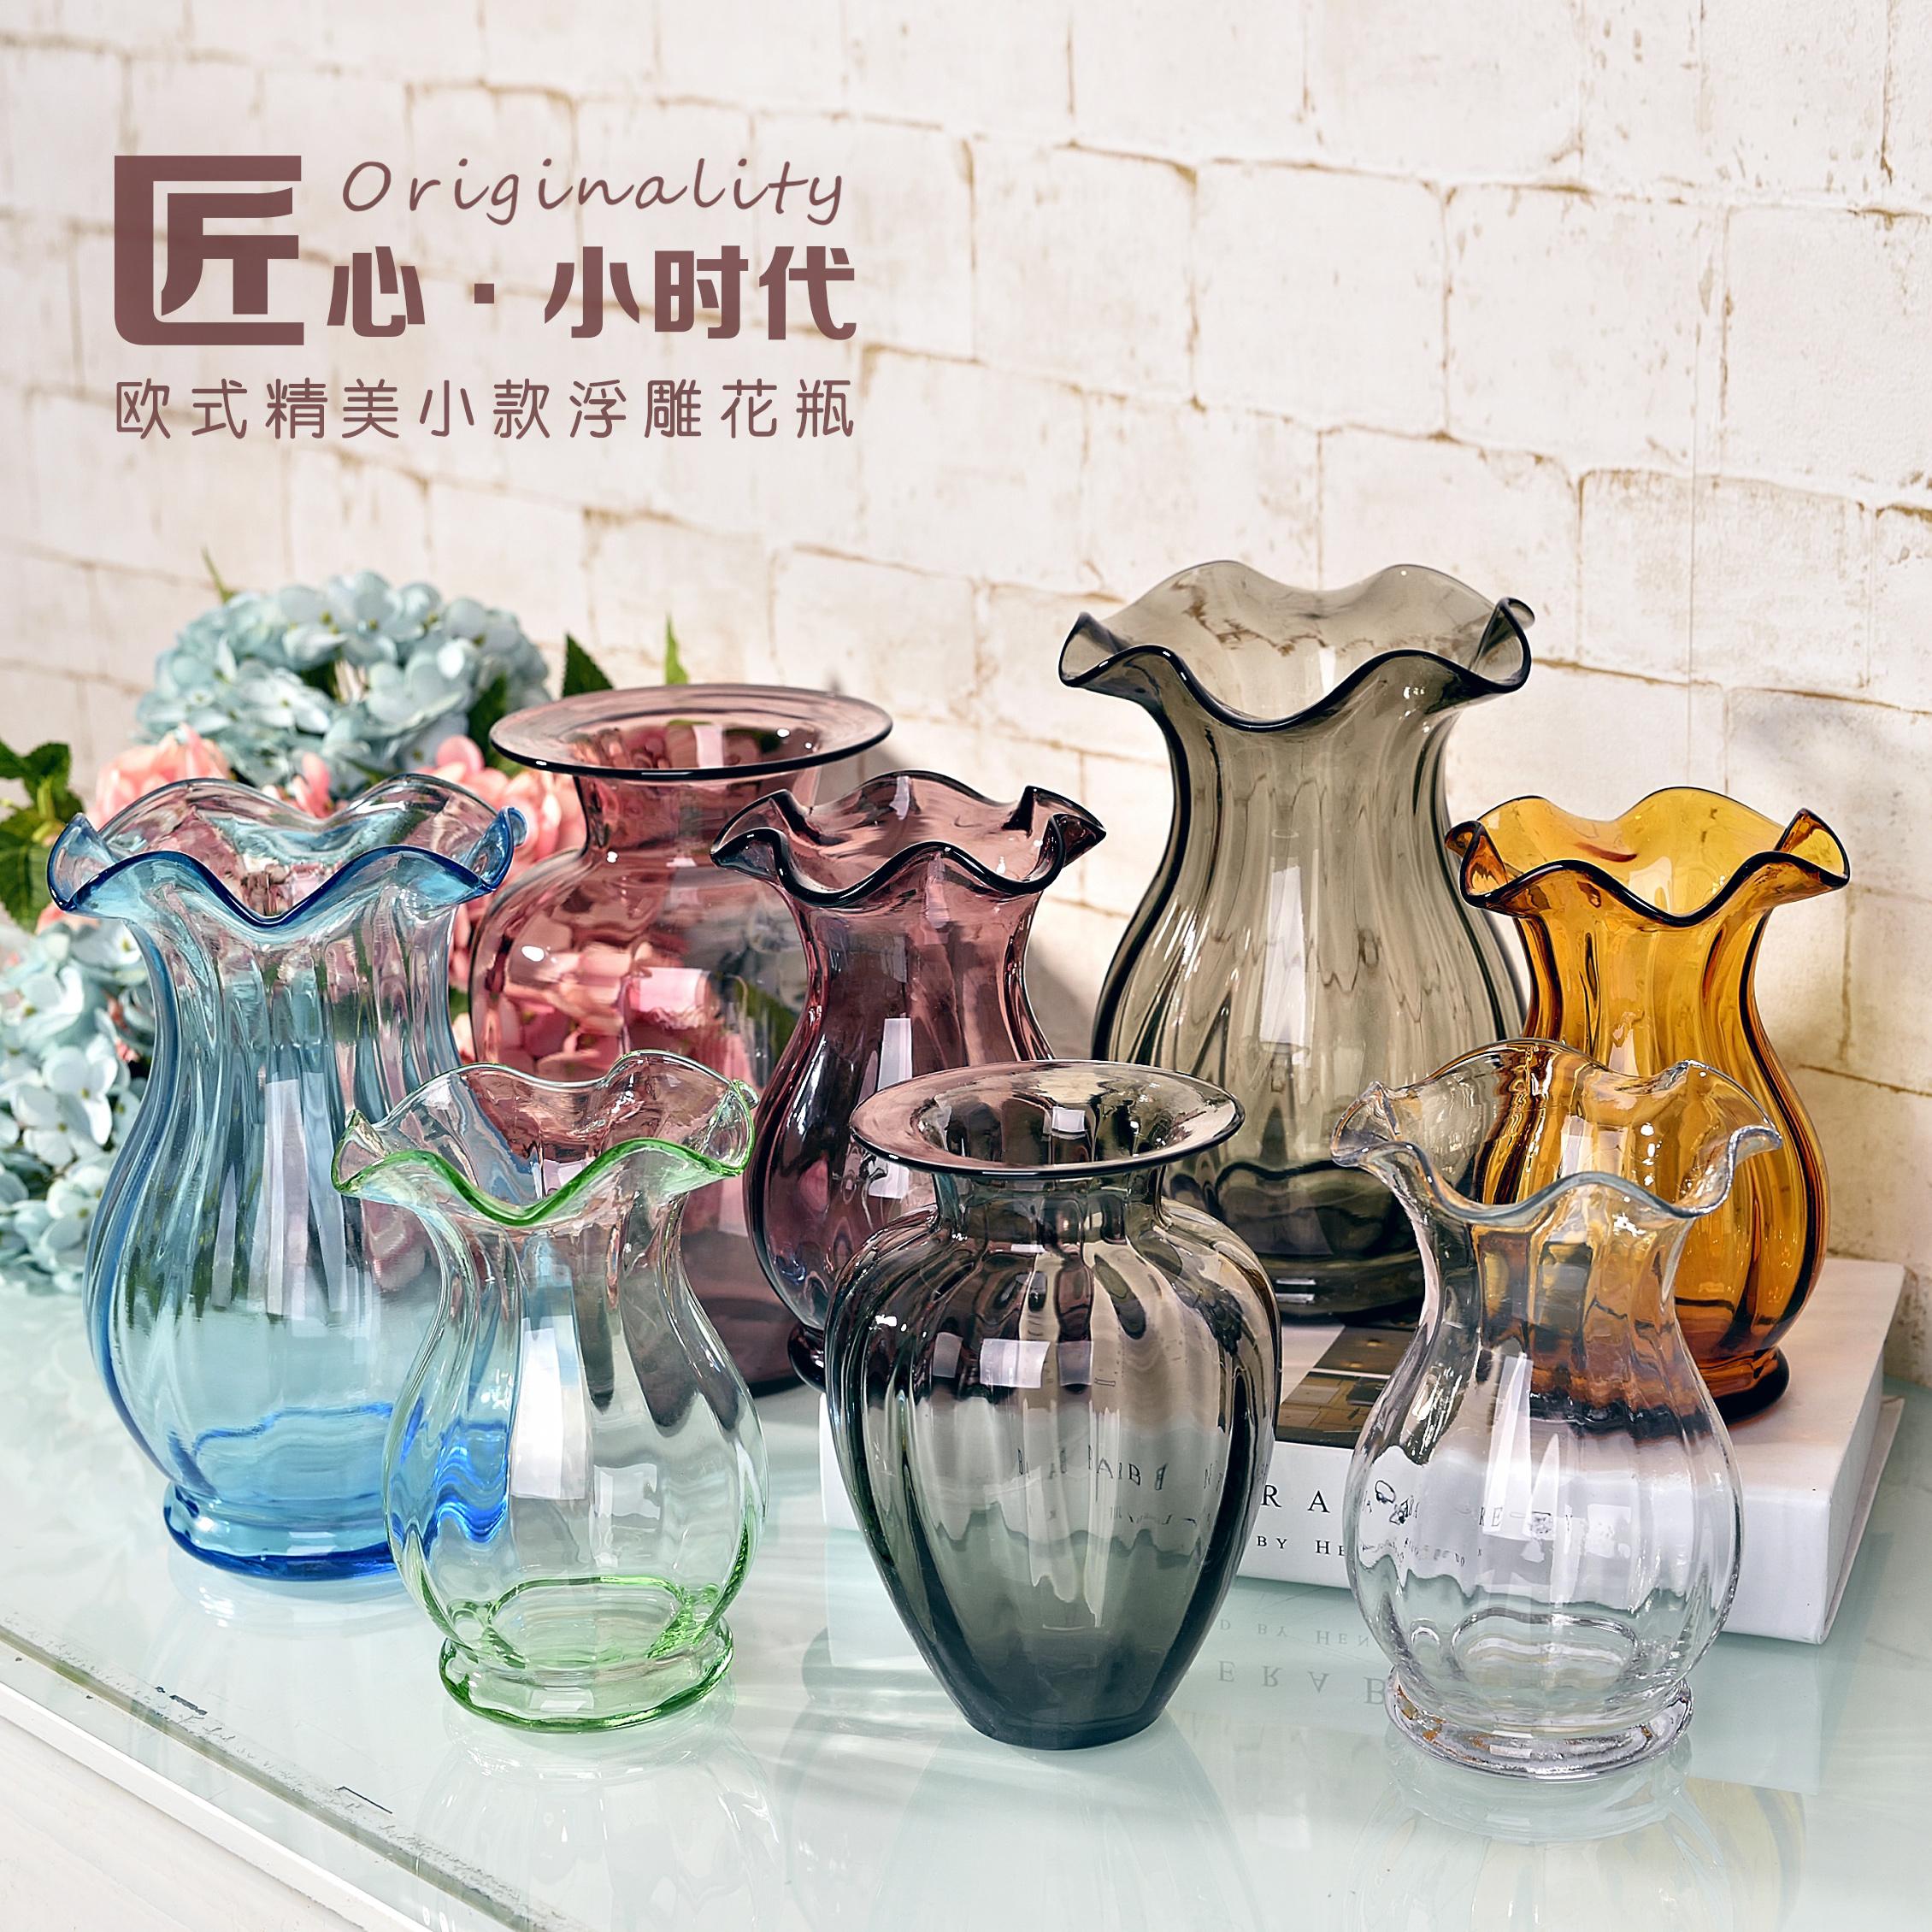 迷你花瓶大号矮琥珀色口径淡雅透明色家居插画风格带艺术圆形客厅